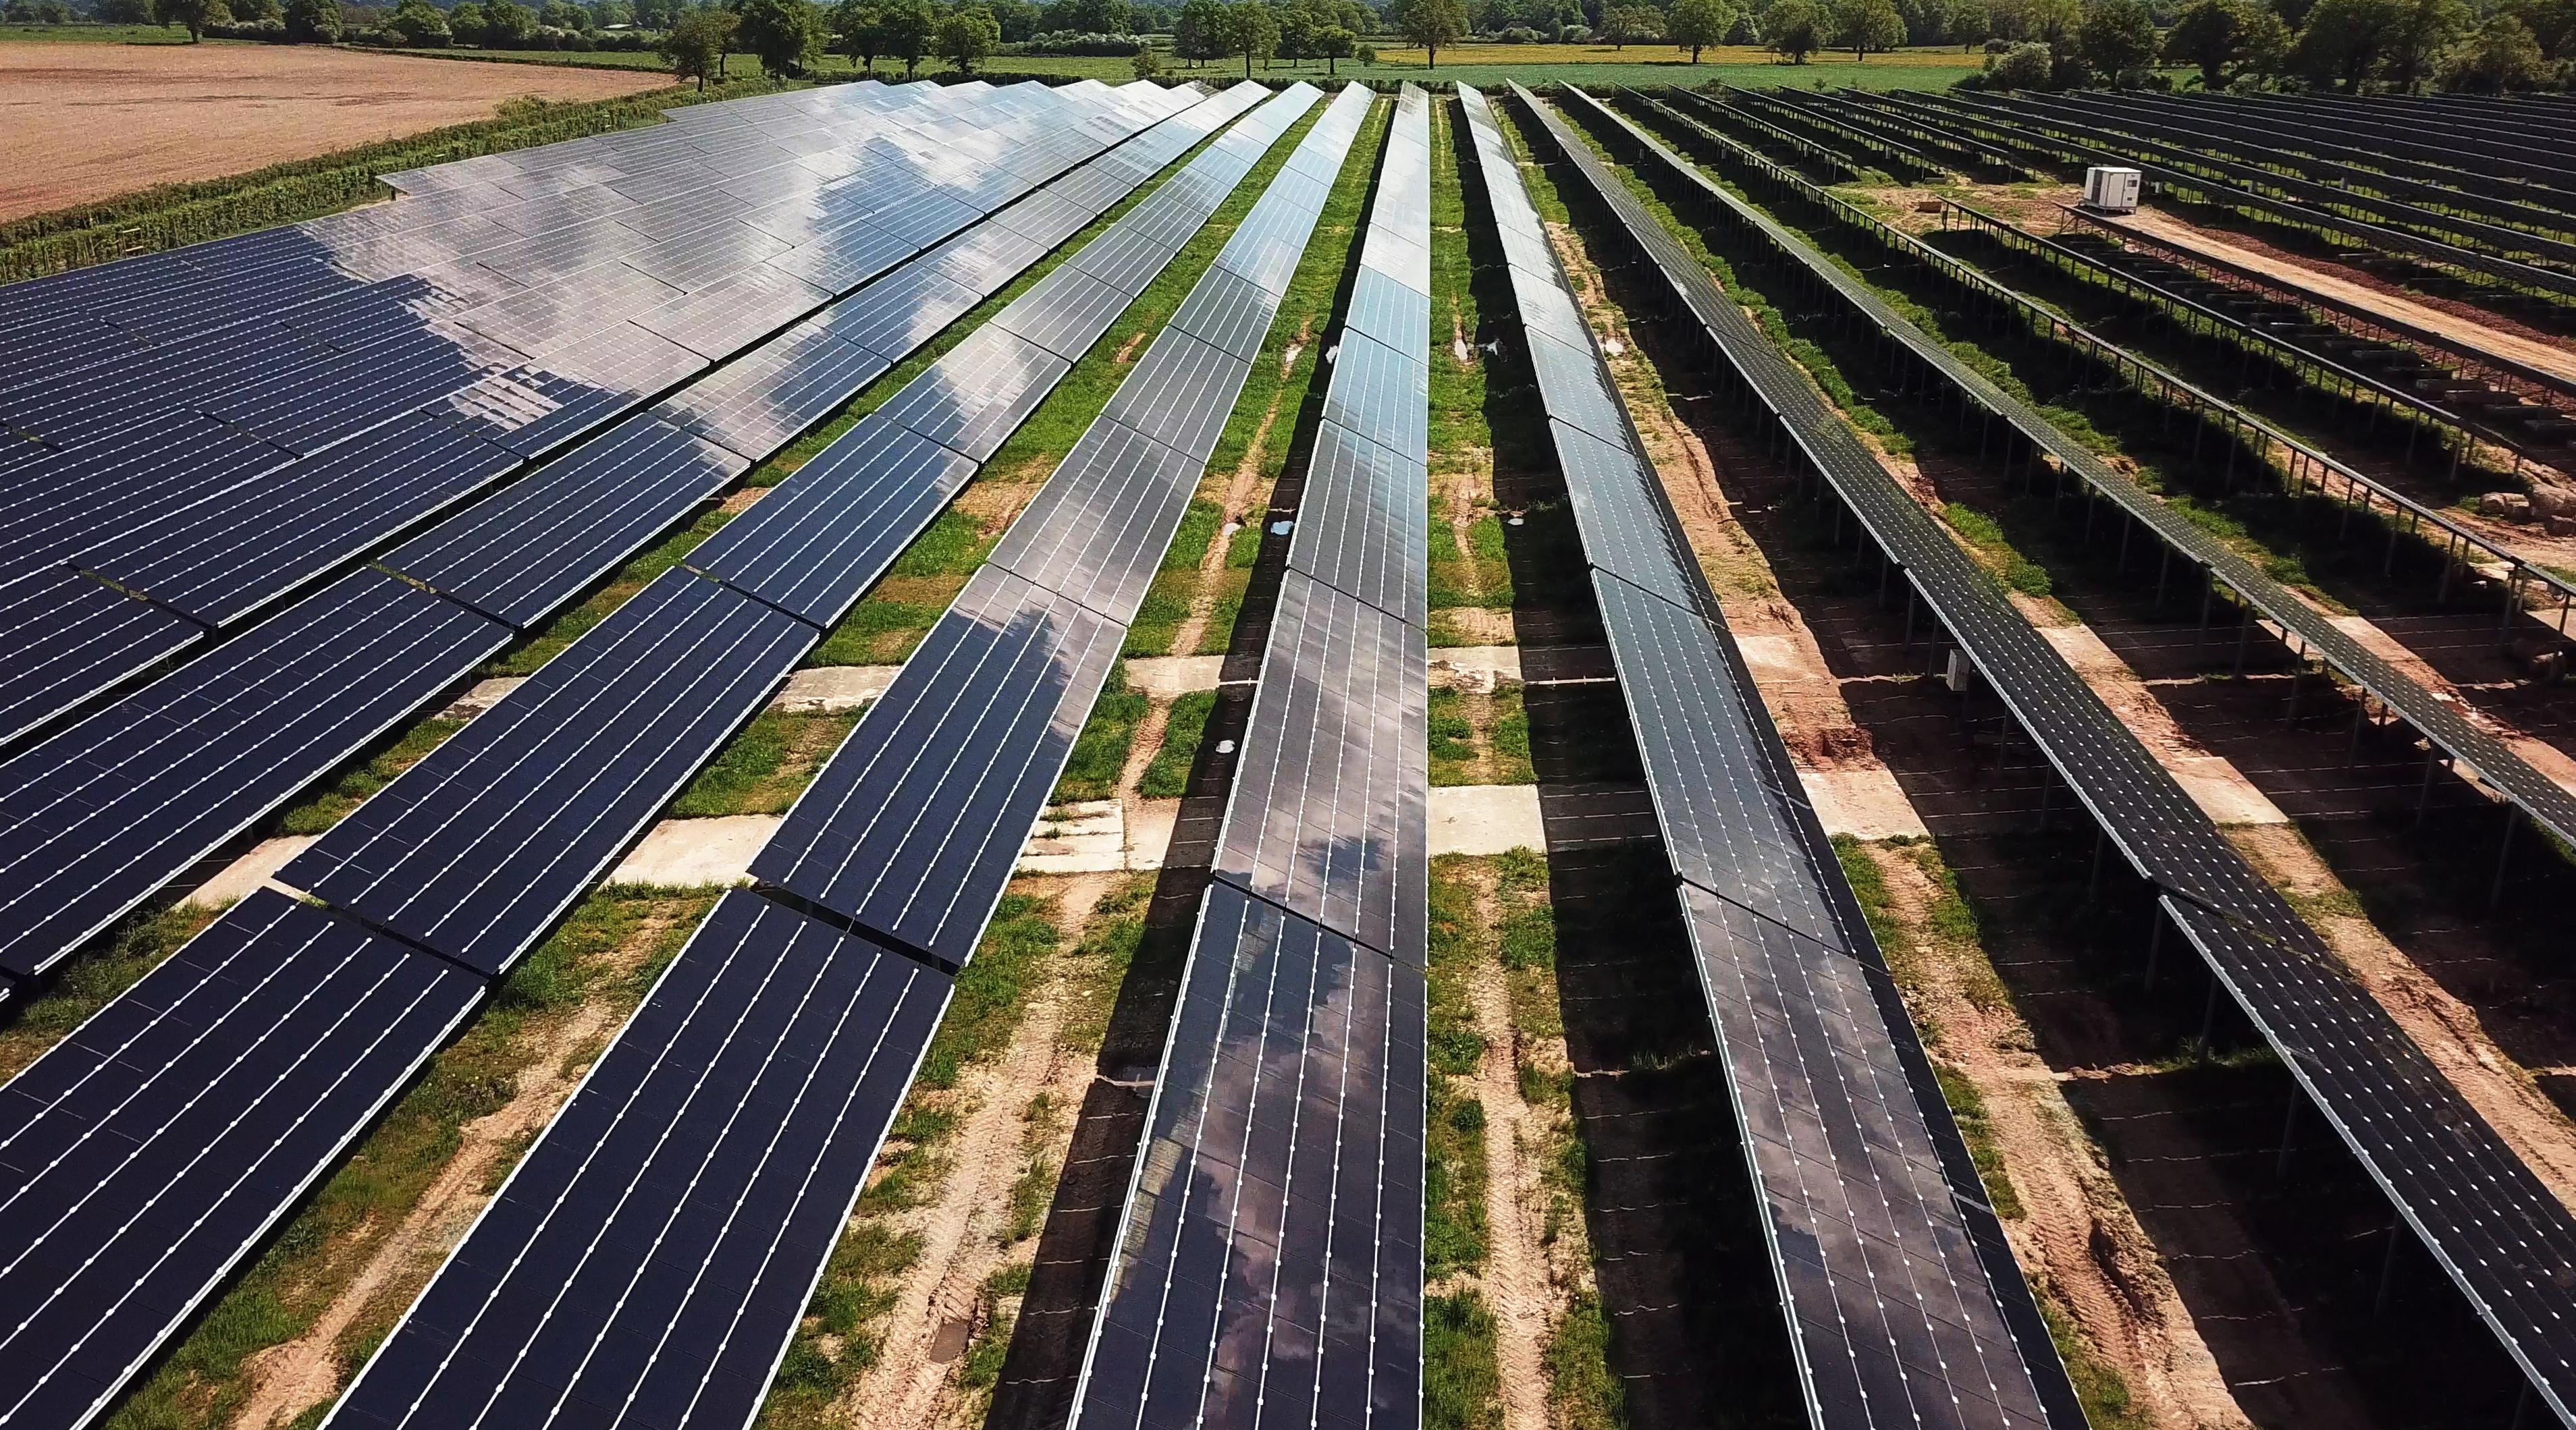 Appels d'offres CRE4.5 : JPee remporte 61,4 MW et se place au 4ème rang des lauréats de l'appel d'offre solaire